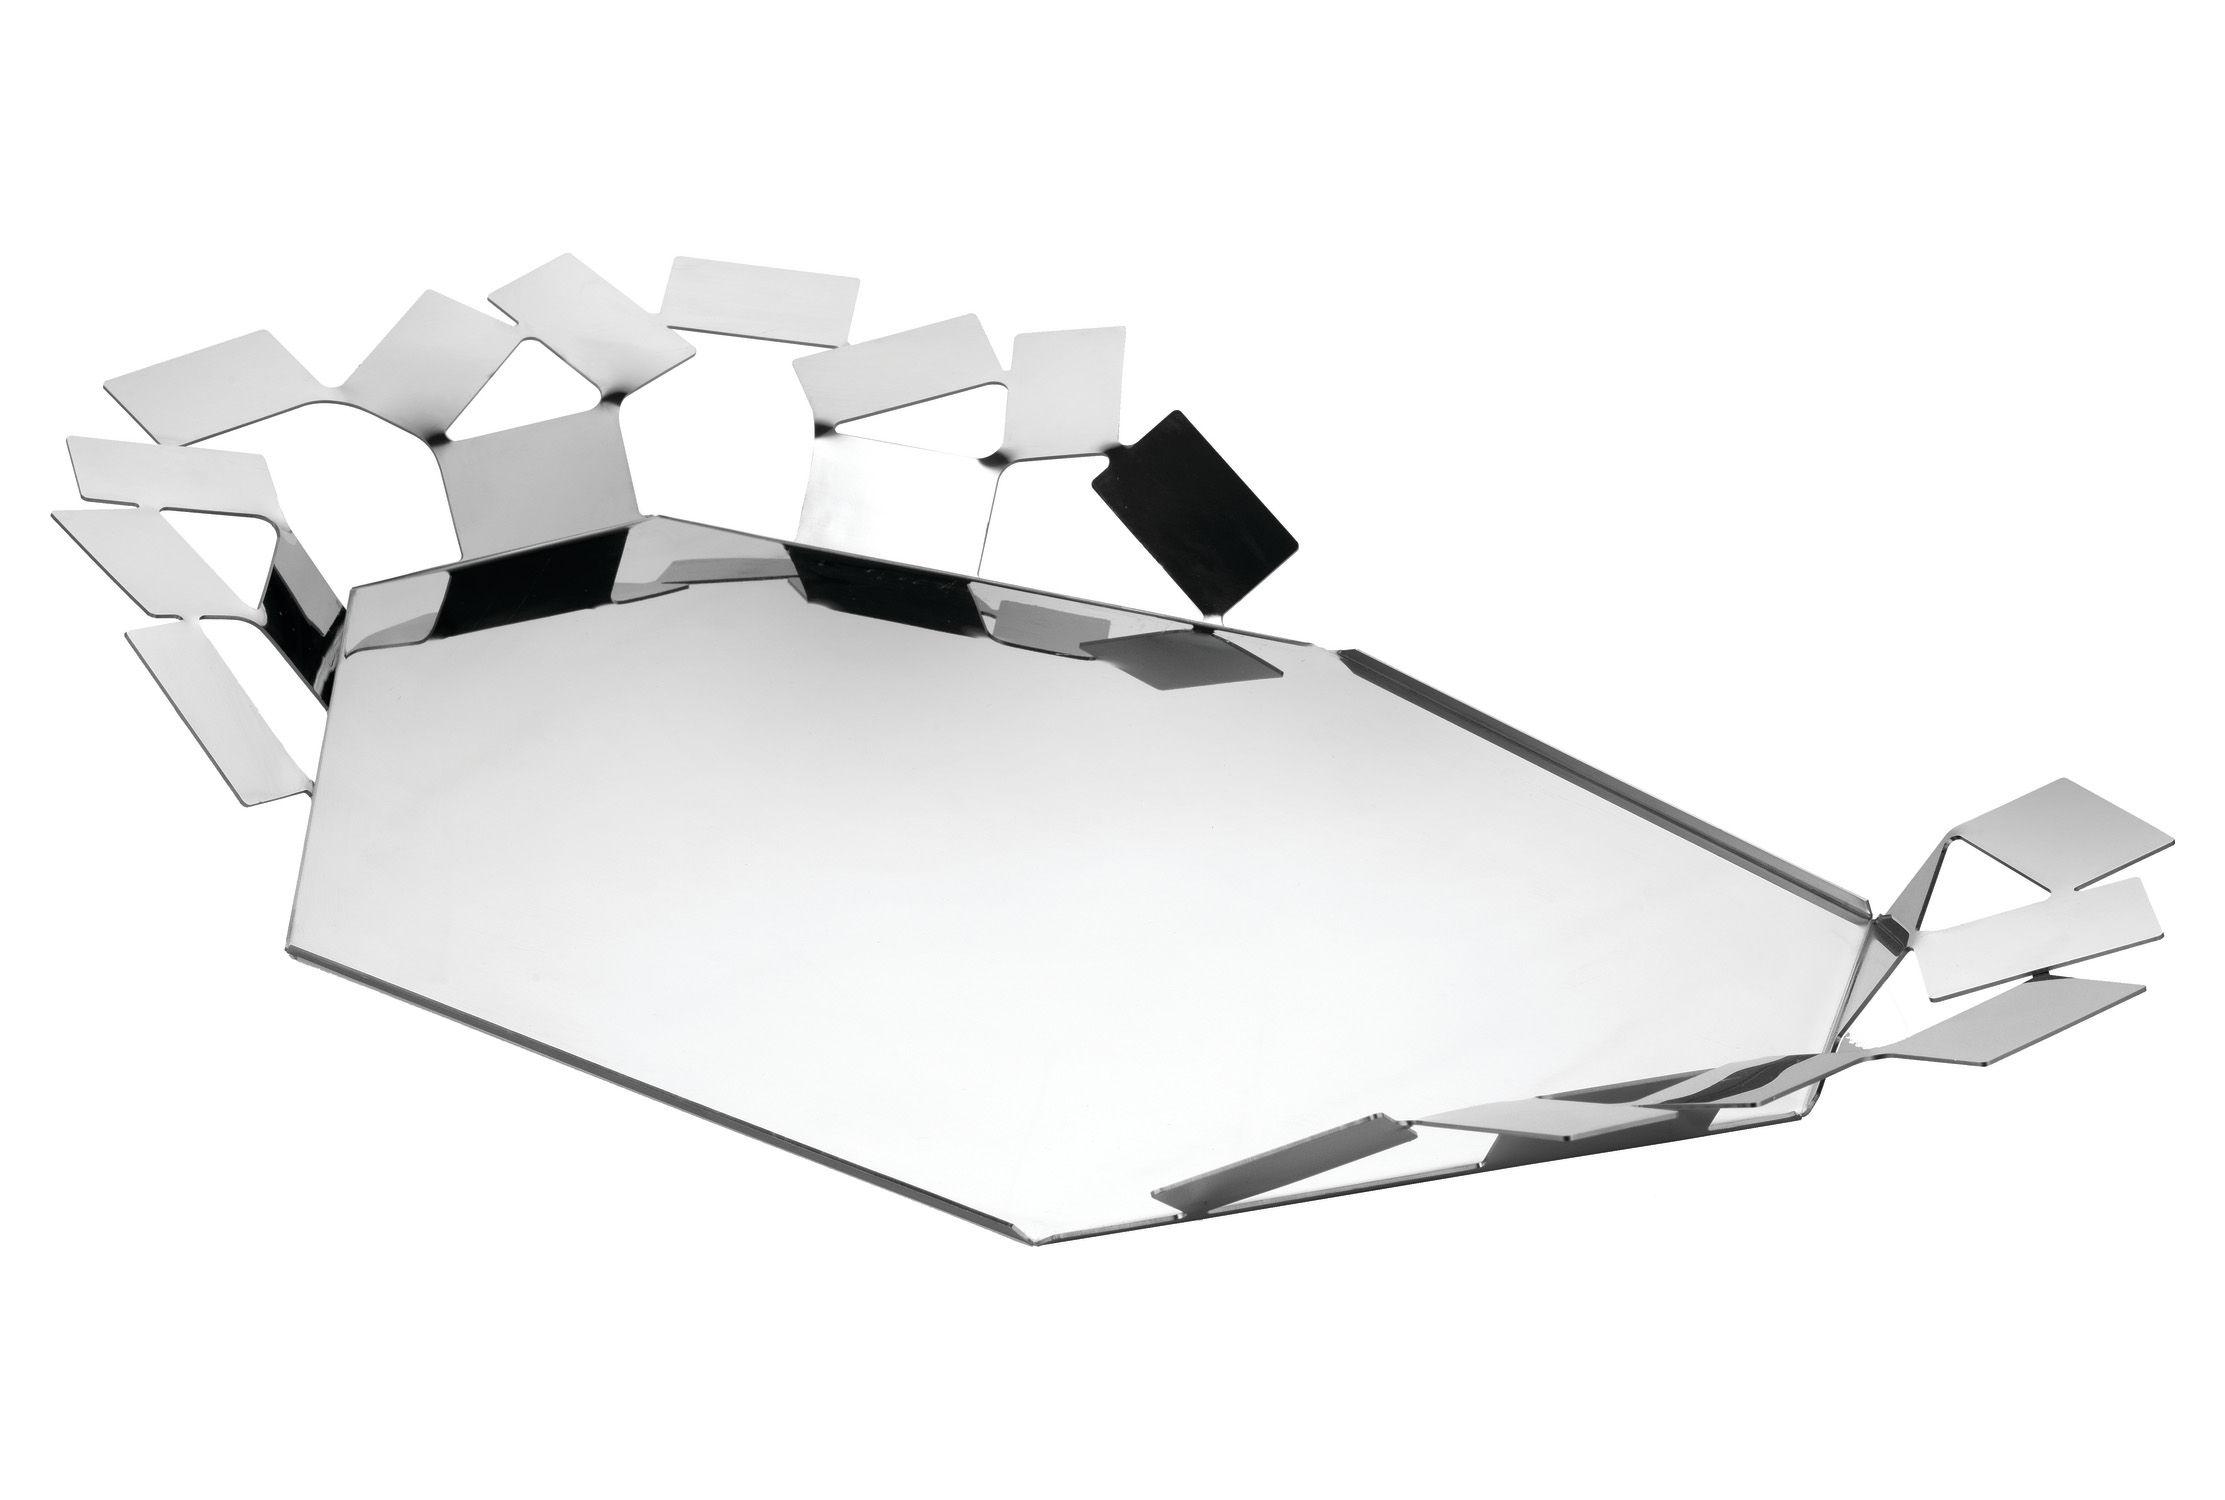 Arts de la table - Plateaux - Plateau La Stanza dello Scirocco / 60 x 35 cm - Alessi - Acier brillant - Acier inoxydable poli